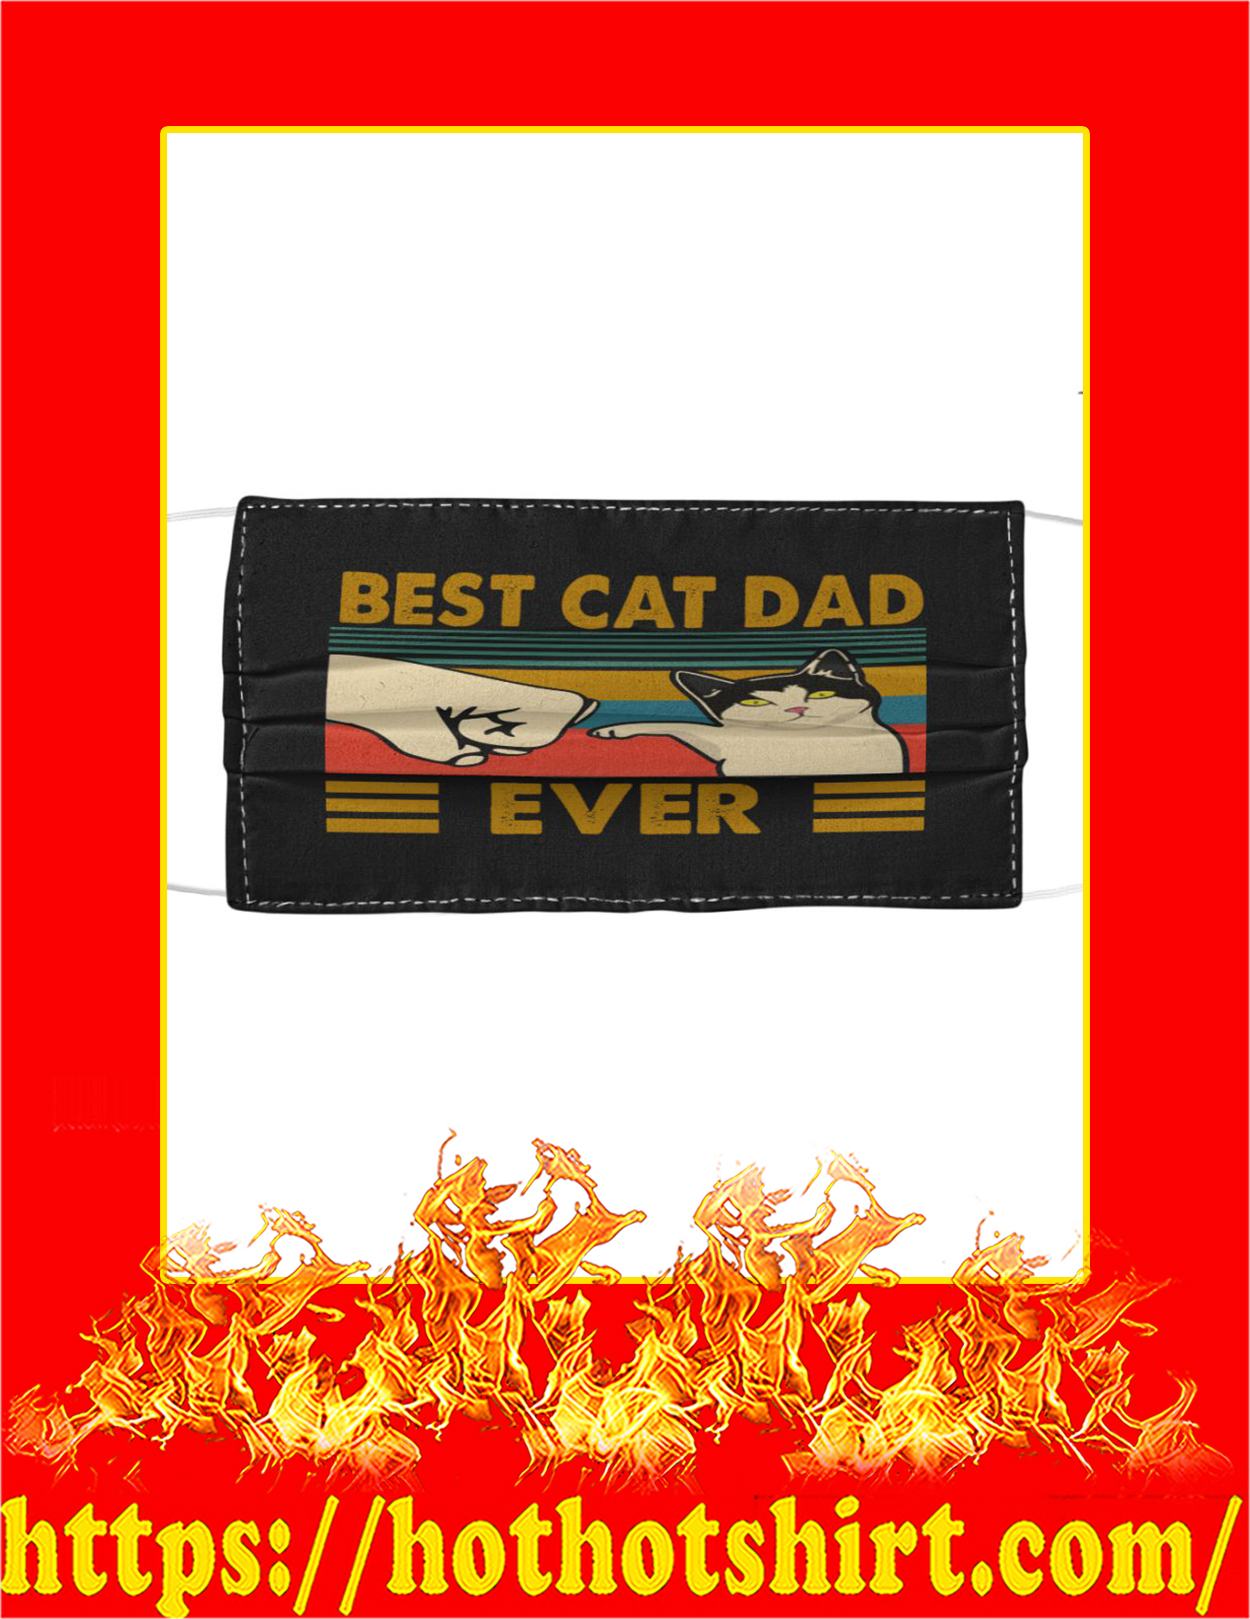 Best cat dad ever face mask - Black